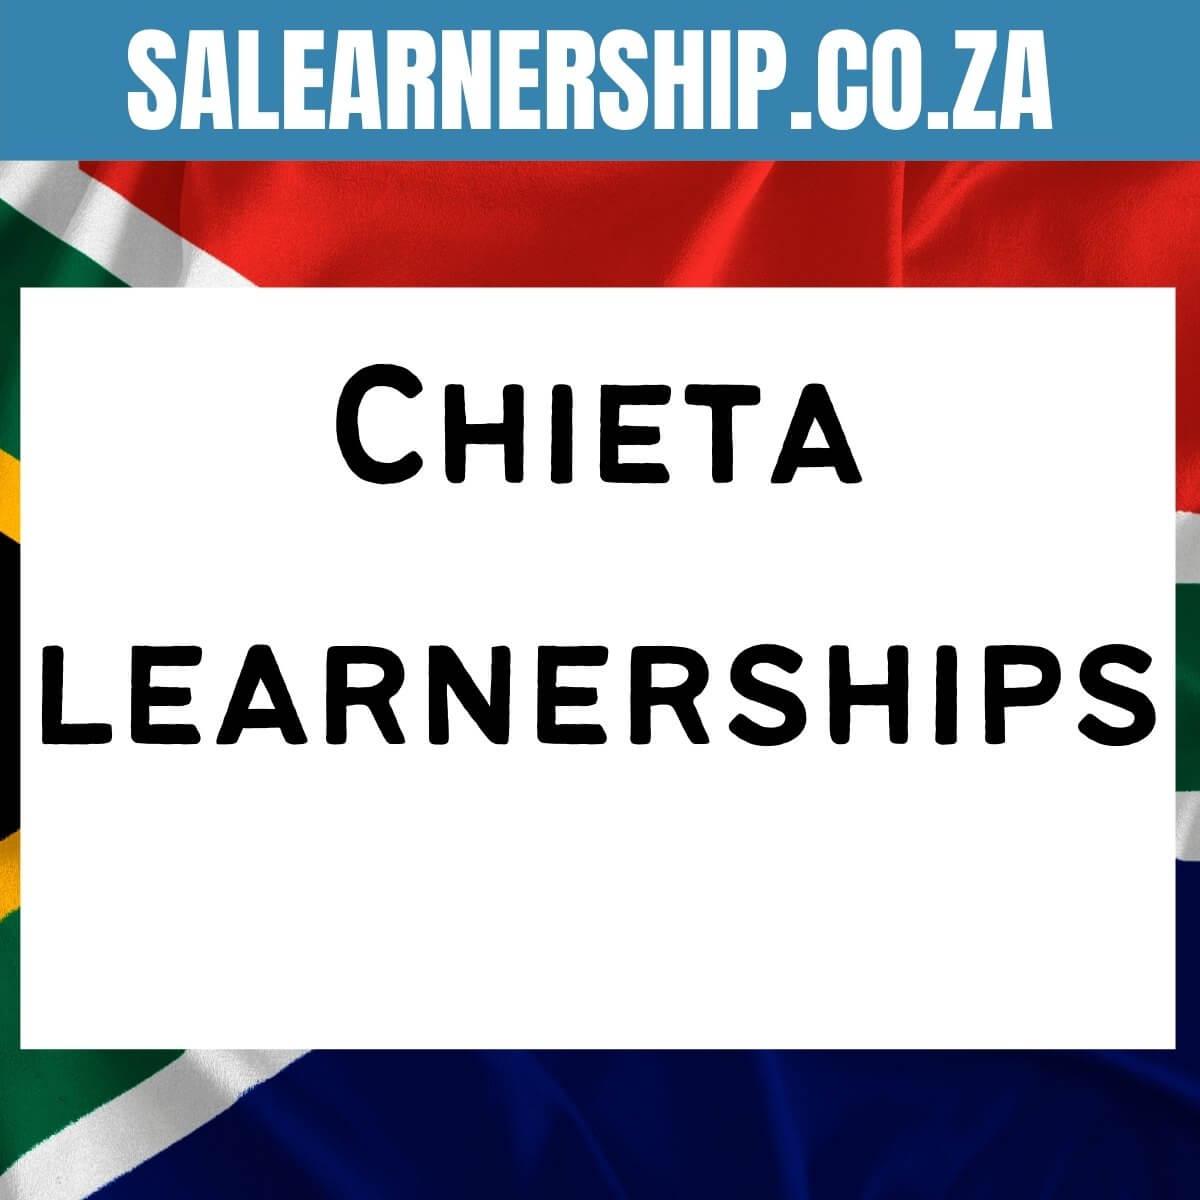 Chieta learnerships